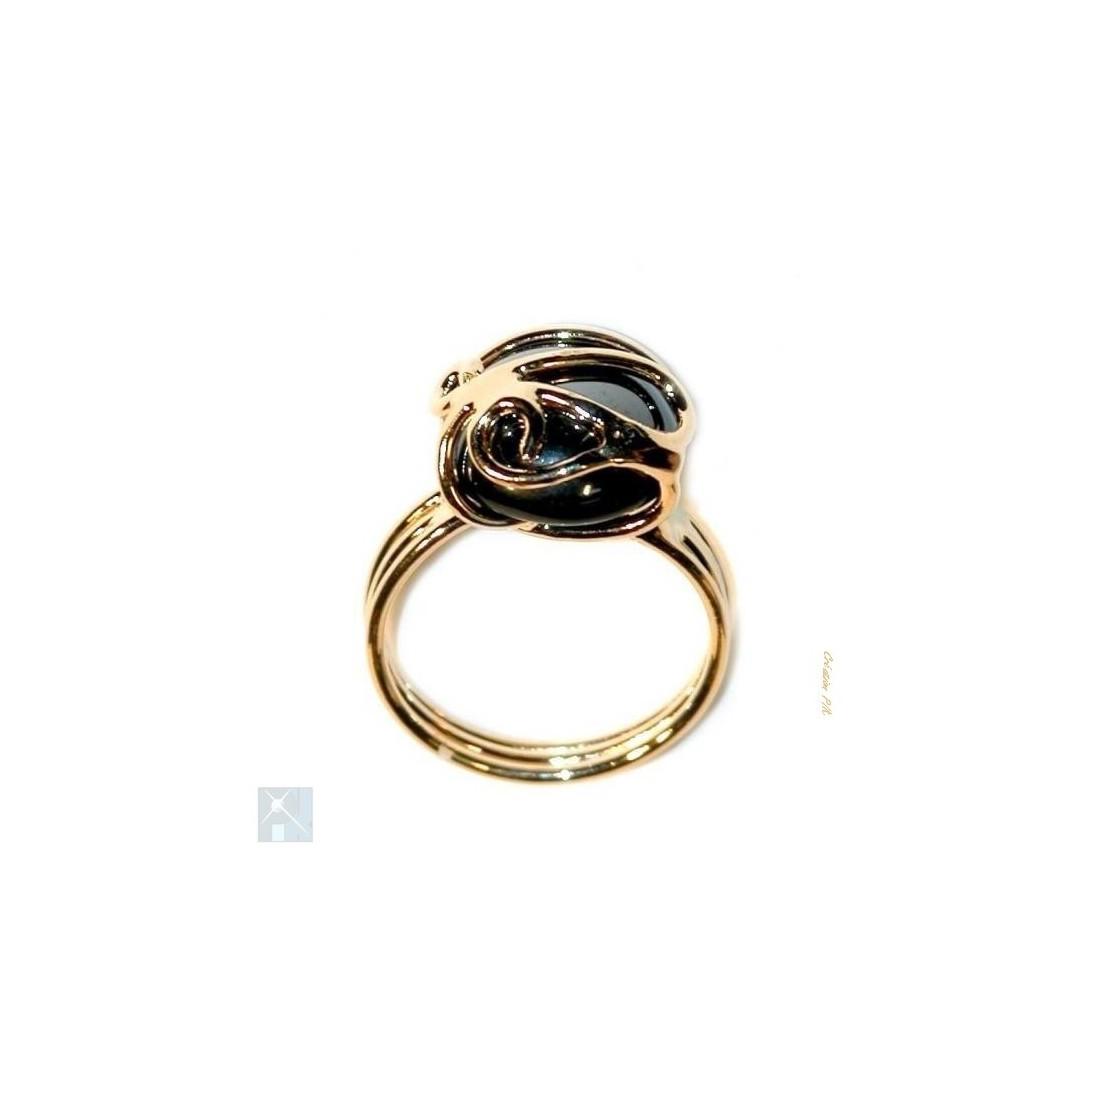 Petite bague pour femme dorée noire hématite.